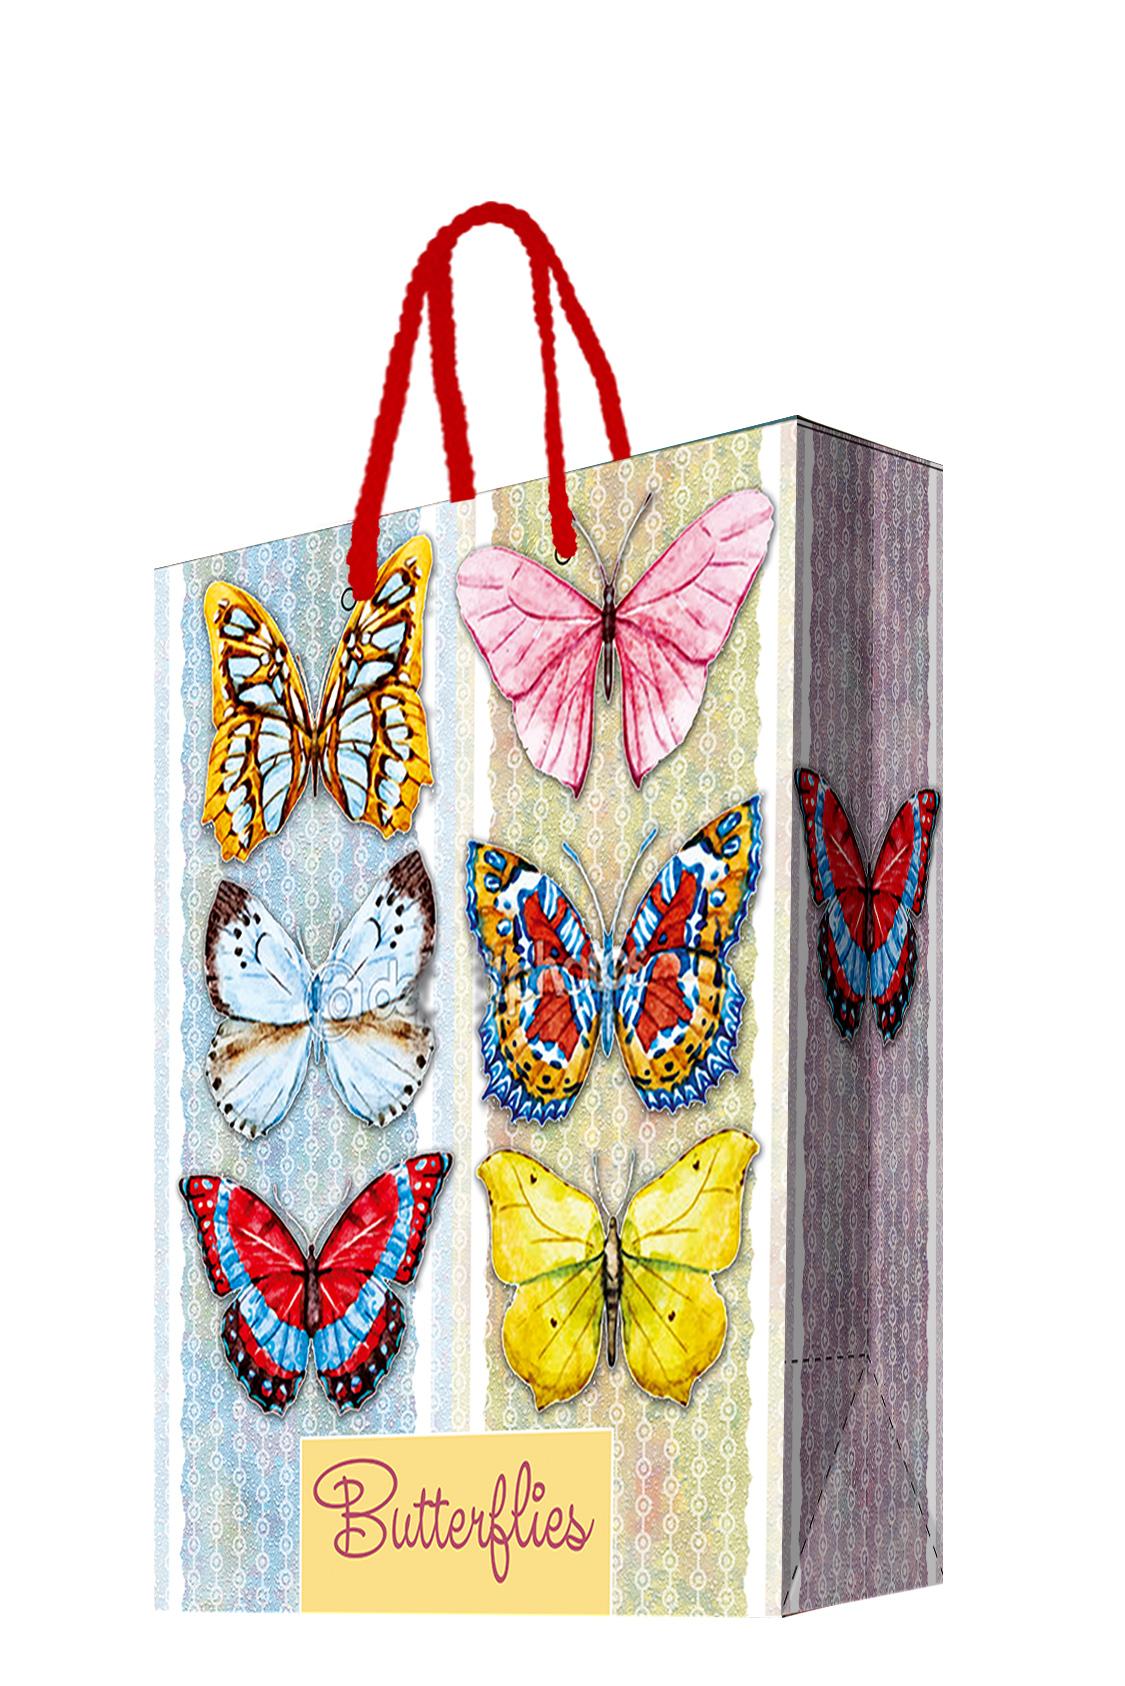 Пакет подарочный Magic Home Тропические бабочки, 17,8 х 22,9 х 9,8 см09840-20.000.00Подарочный пакет Magic Home, изготовленный из плотной бумаги, станет незаменимым дополнением к выбранному подарку. Дно изделия укреплено картоном, который позволяет сохранить форму пакета и исключает возможность деформации дна под тяжестью подарка. Пакет выполнен с глянцевой ламинацией, что придает ему прочность, а изображению - яркость и насыщенность цветов. Для удобной переноски имеются две ручки в виде шнурков.Подарок, преподнесенный в оригинальной упаковке, всегда будет самым эффектным и запоминающимся. Окружите близких людей вниманием и заботой, вручив презент в нарядном, праздничном оформлении.Плотность бумаги: 140 г/м2.